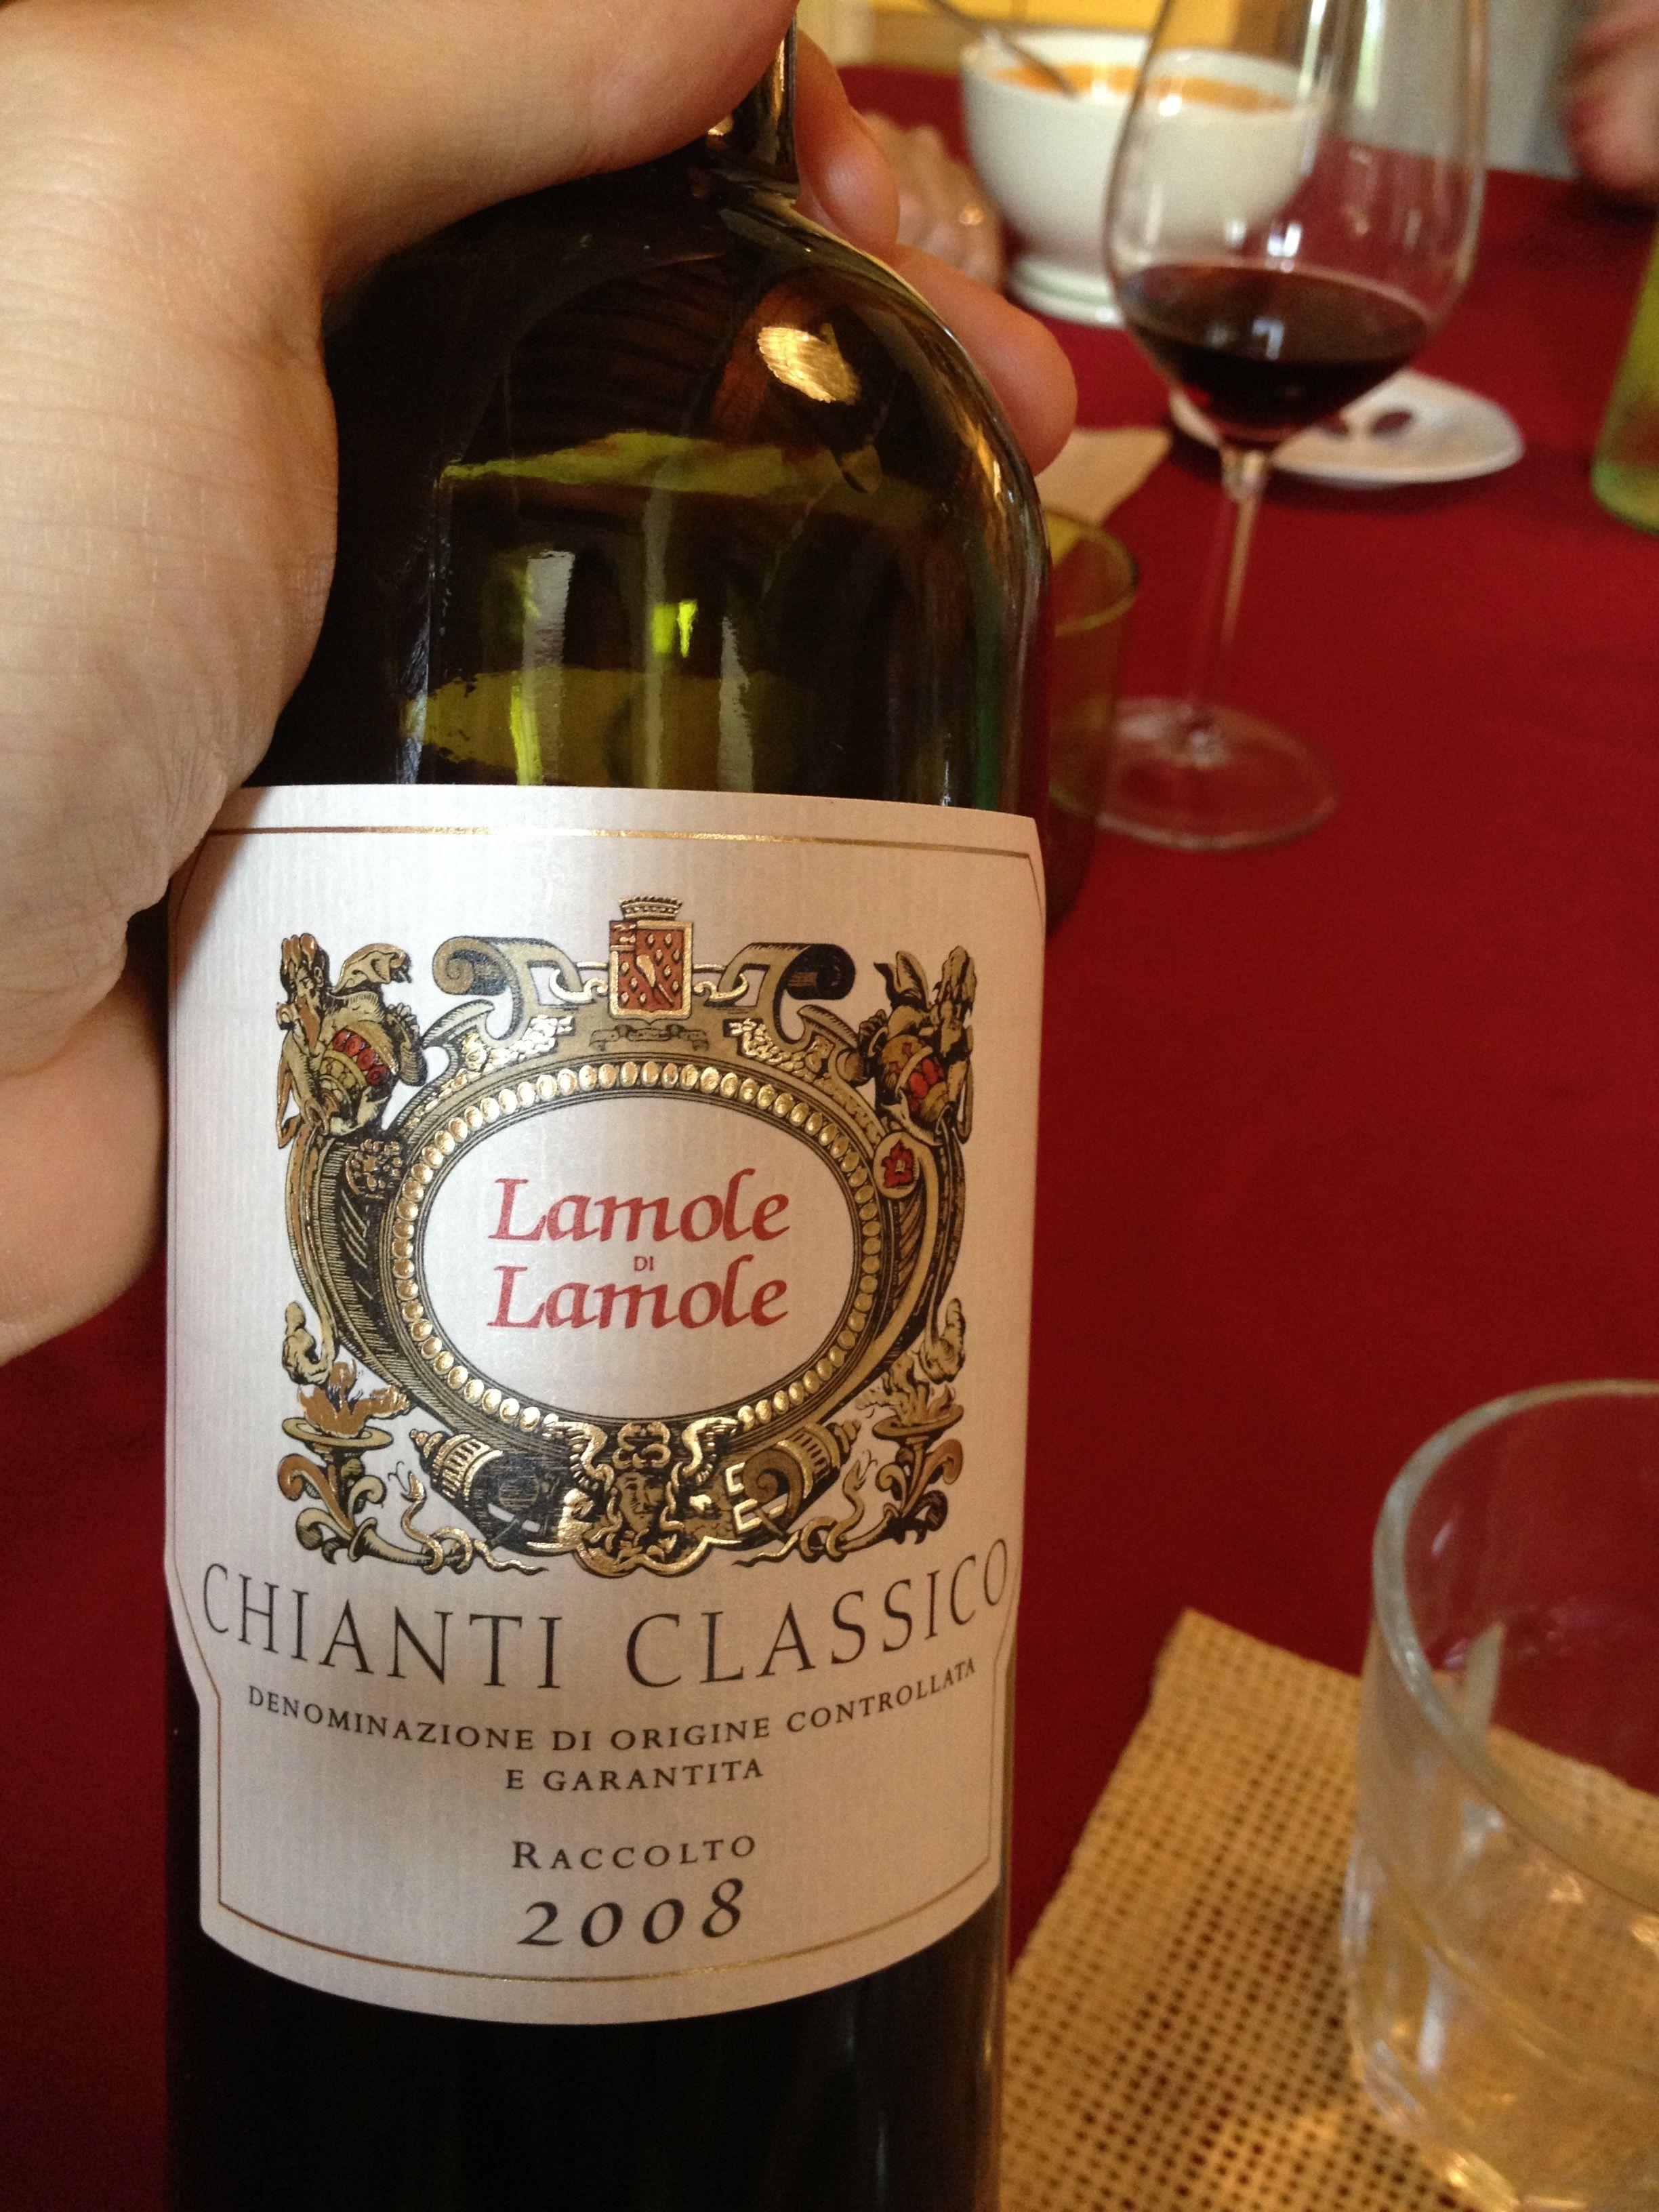 Che Sarebbe Un Classico Di Chianti Classico Ma Preso A Lamole E Ancor Piu Buono Wine Bottle Wine Tasting Bottle